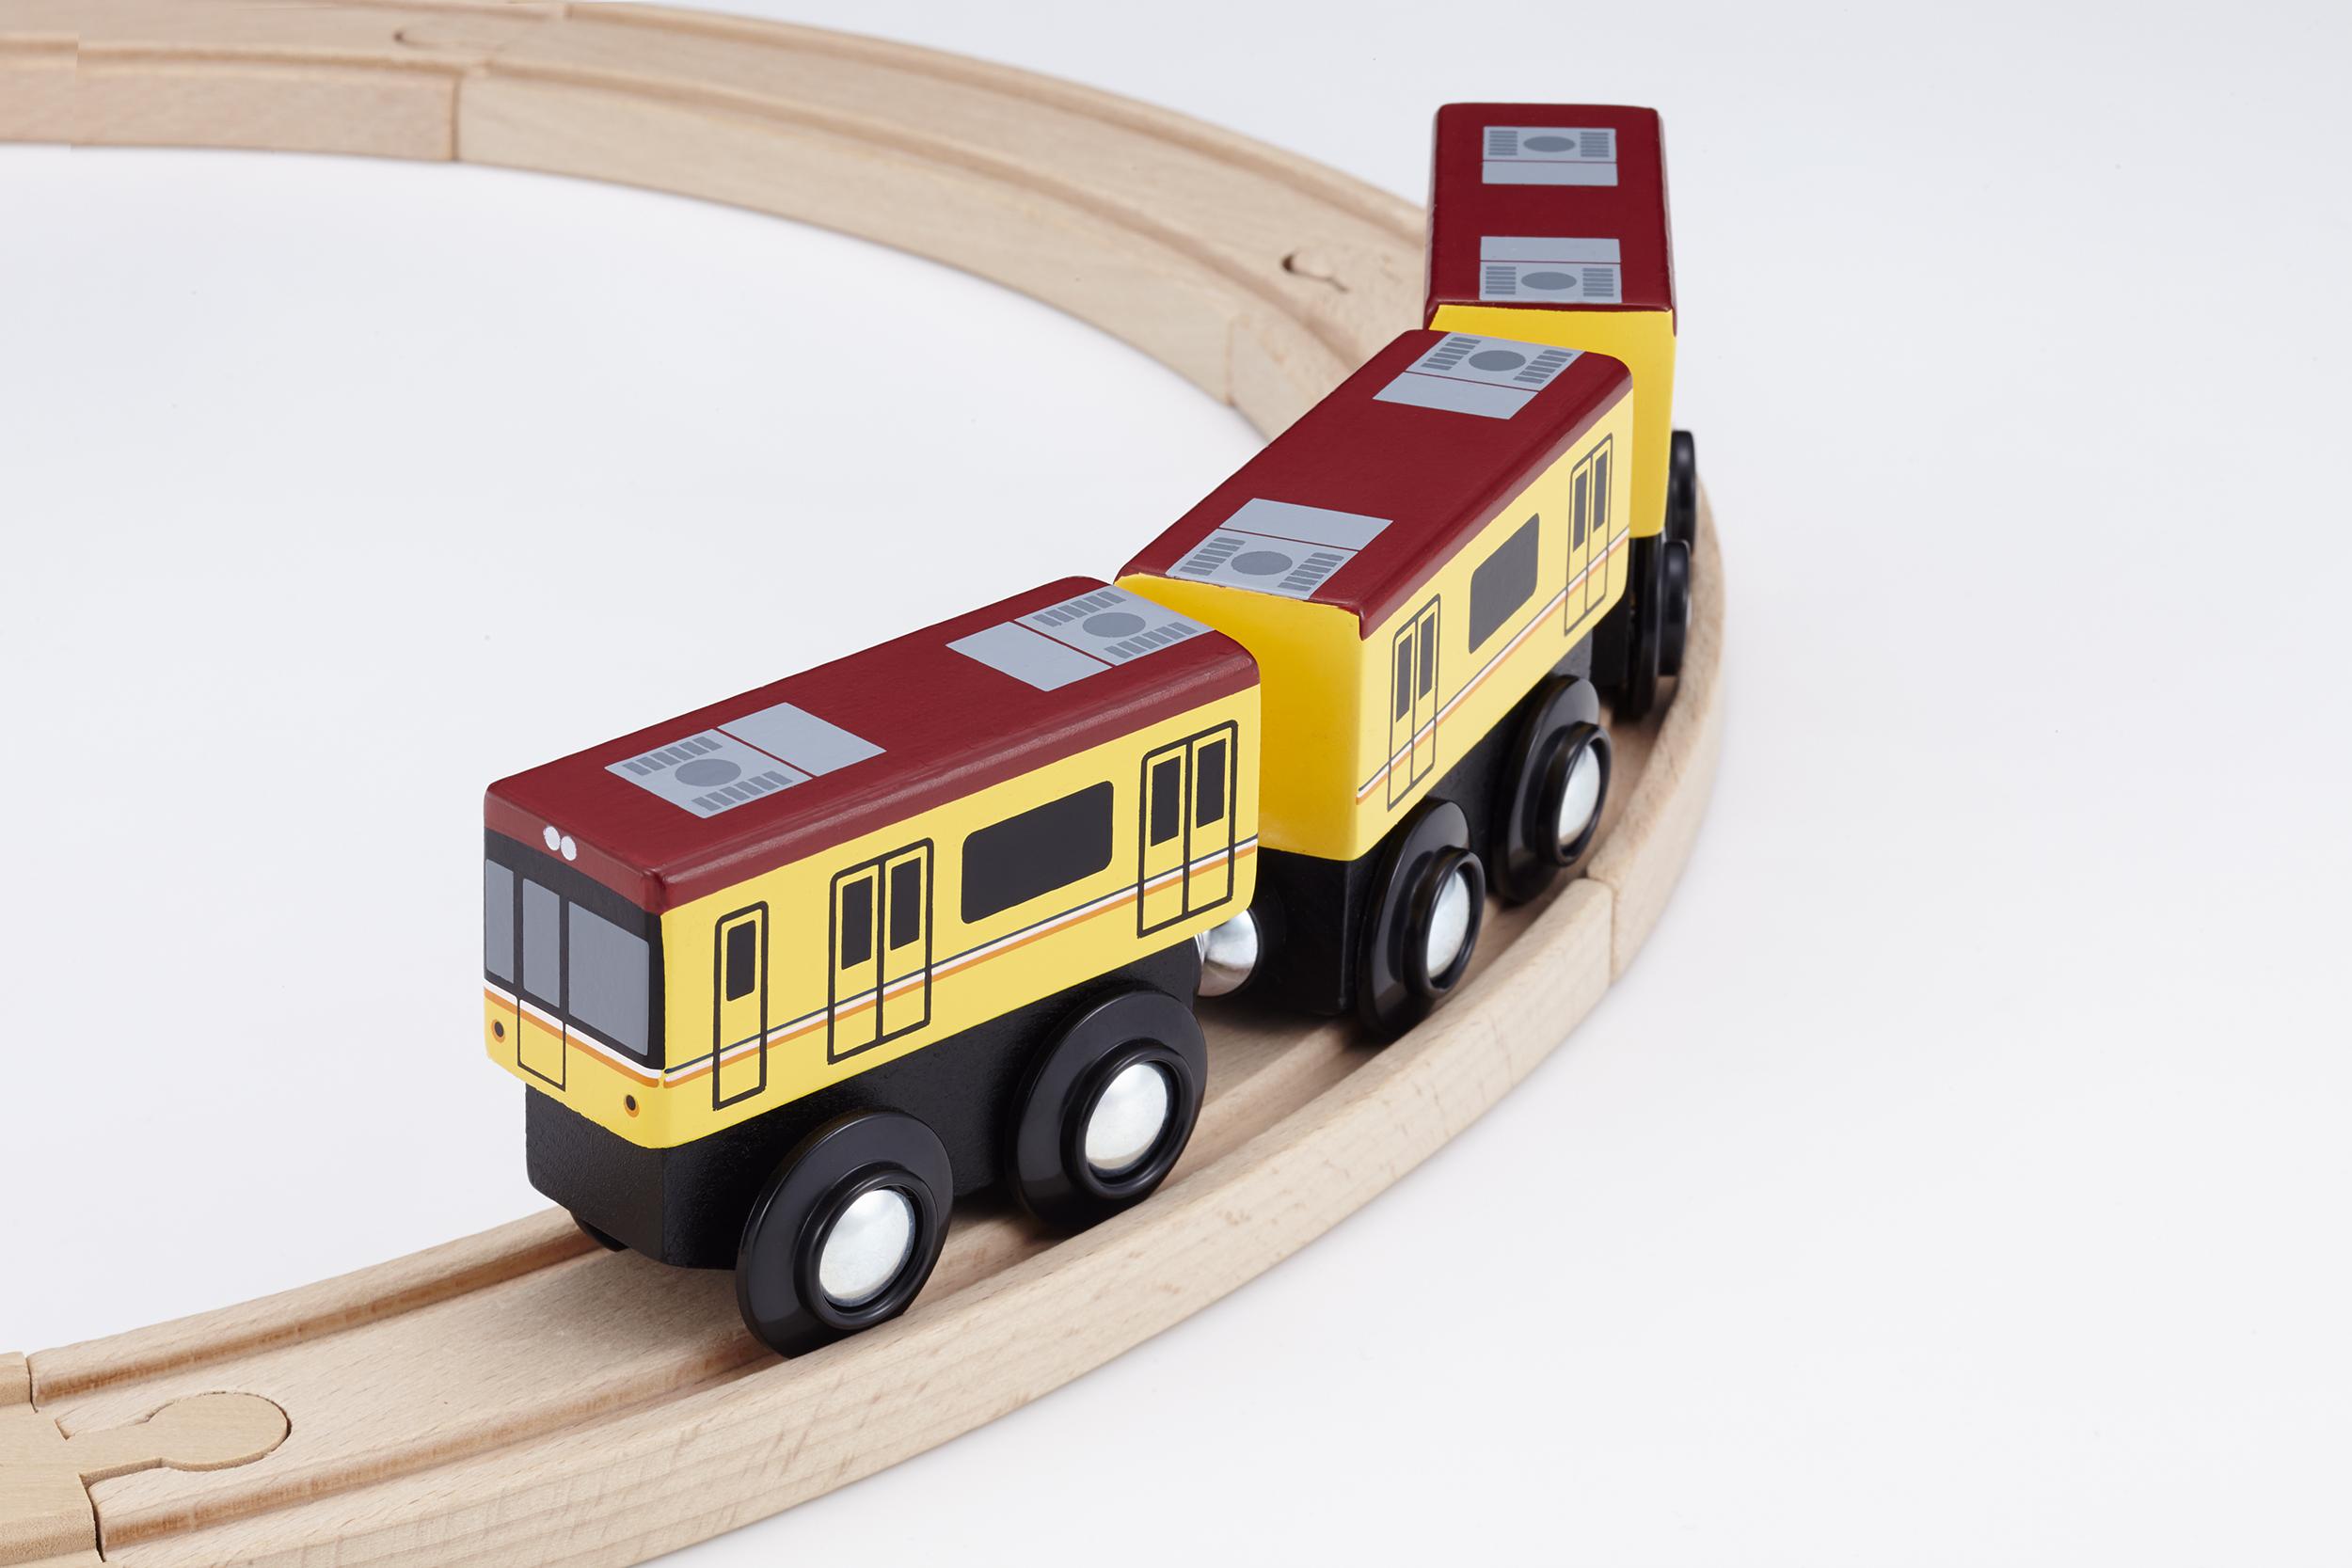 プレゼント!木のぬくもりがあたたかい、手のひらサイズの鉄道おもちゃ「moku TRAIN 東京メトロ銀座線1000系」